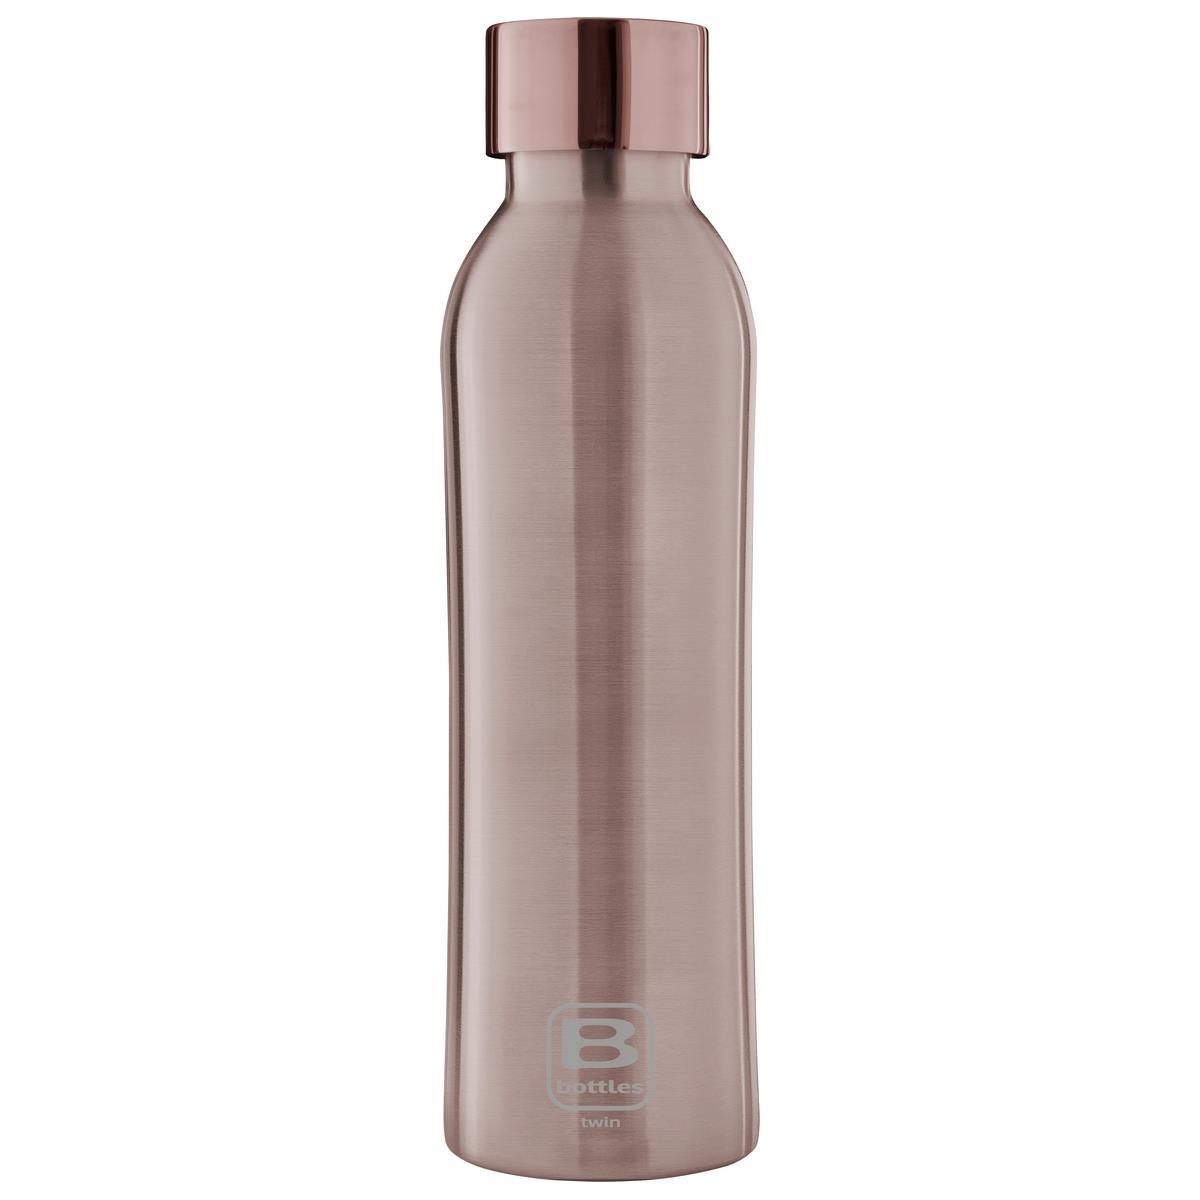 B Bottles Twin - Rose Gold Brushed - 500 ml - Bottiglia Termica a doppia parete in acc. inox 18/10